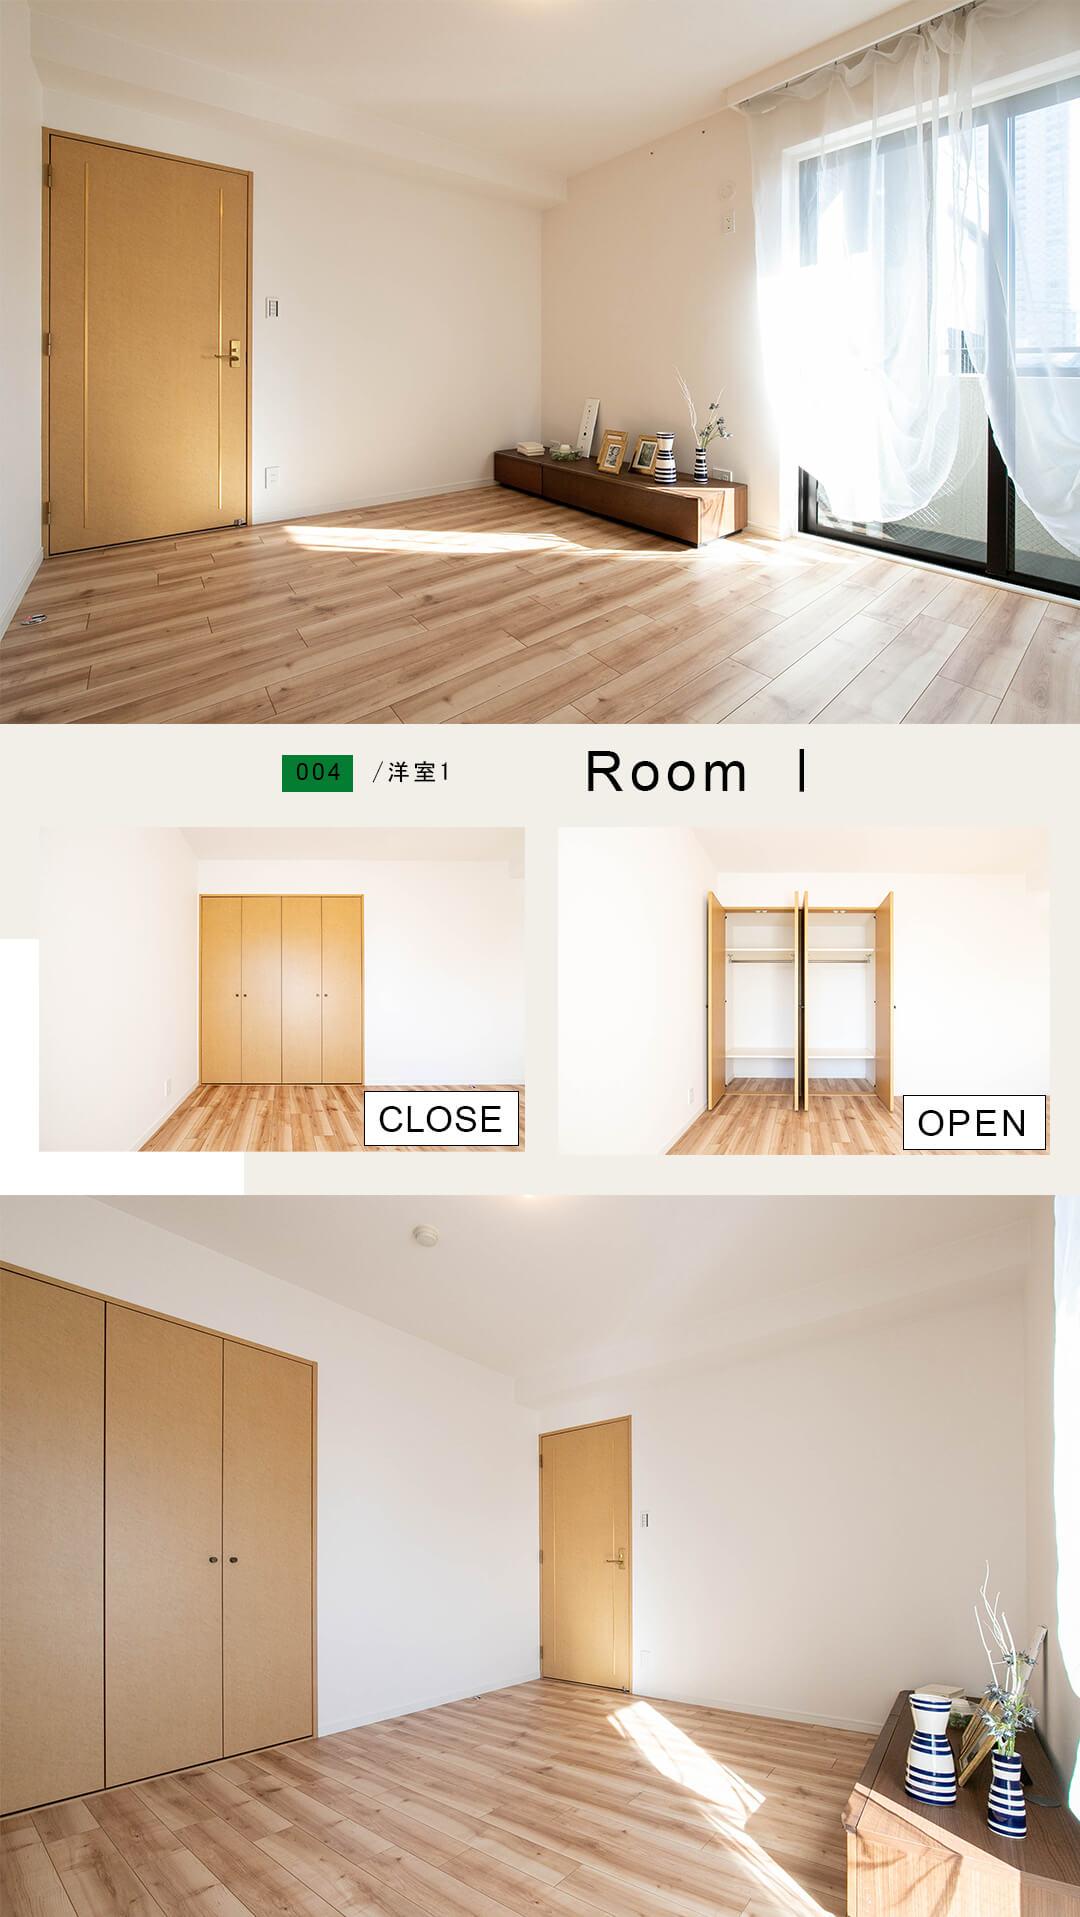 04洋室1,Room Ⅰ